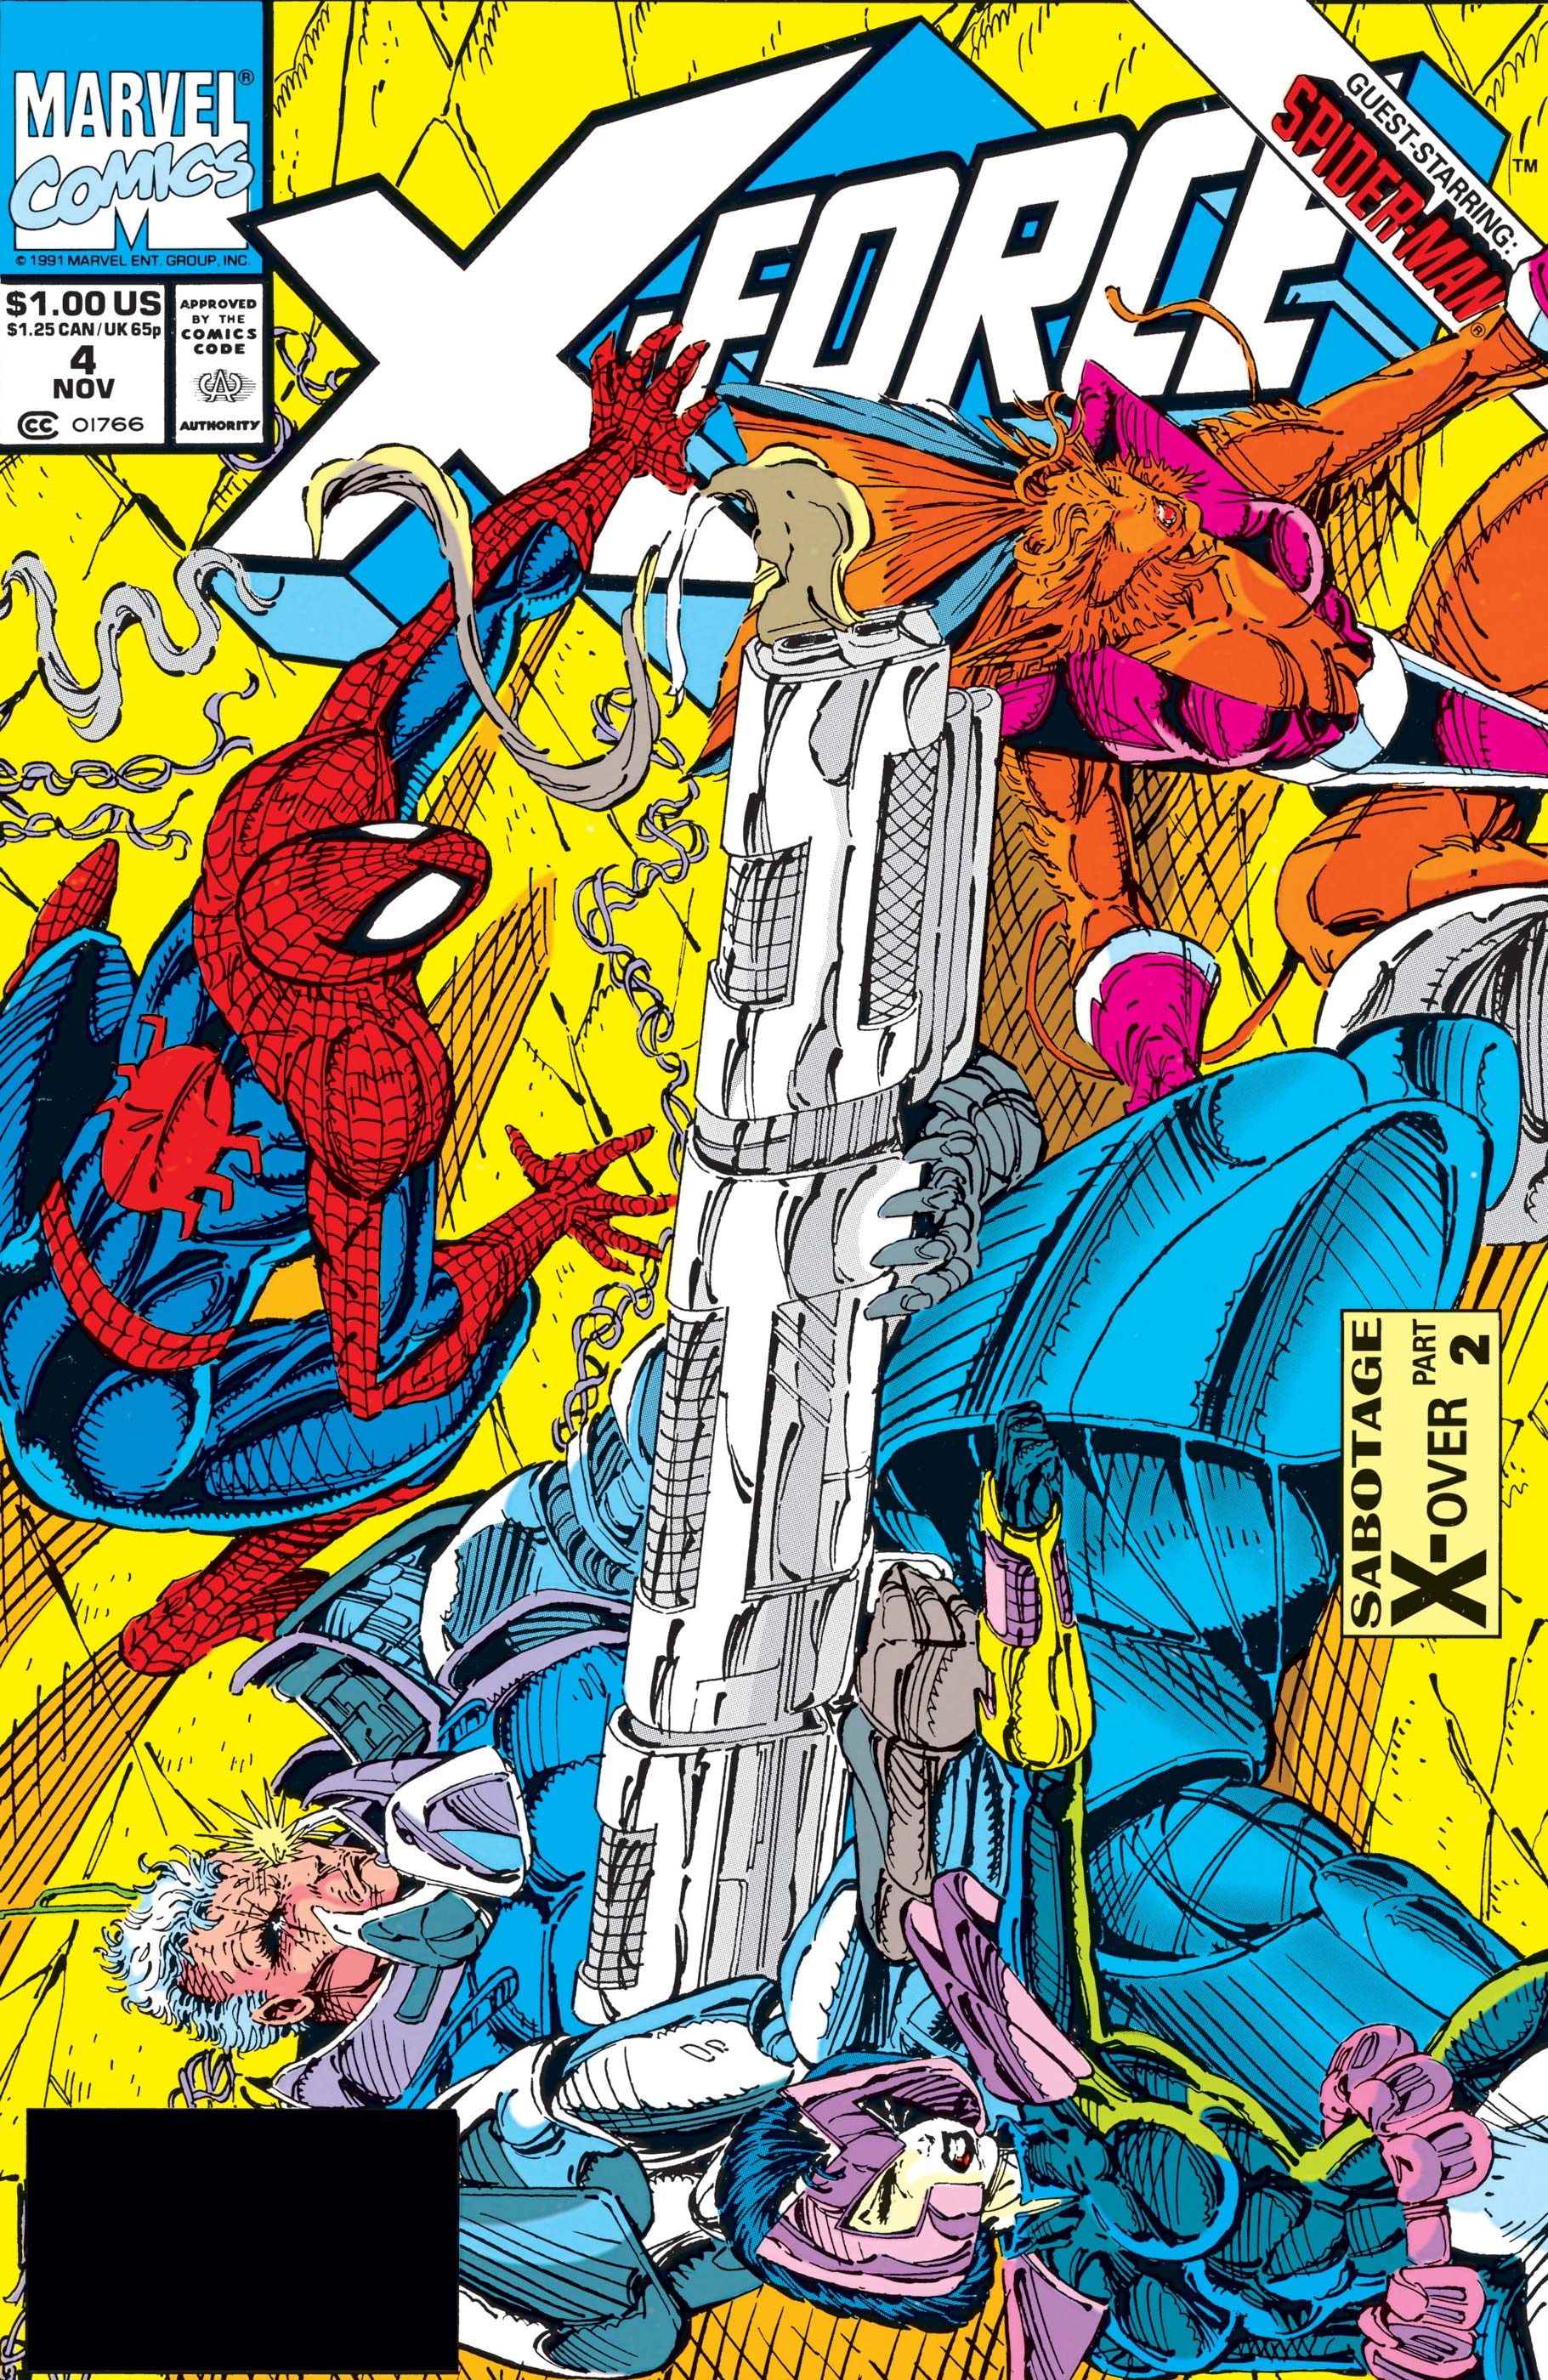 X-Force (1991) #4